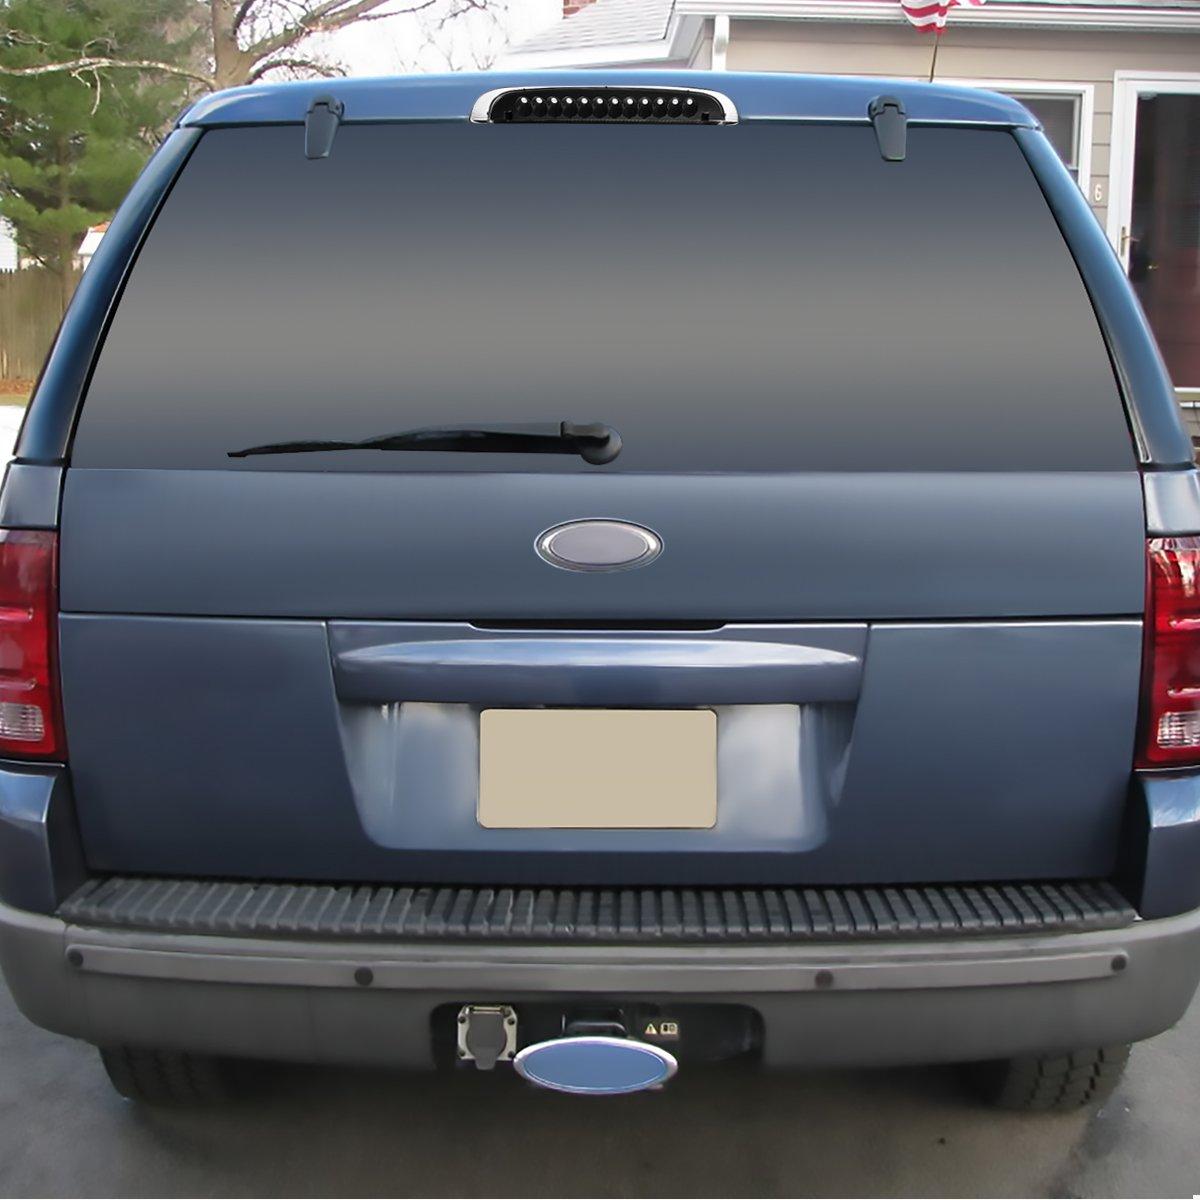 Amazon com for ford explorer un105 un150 rear high mount led 3rd brake light black housing clear lens automotive